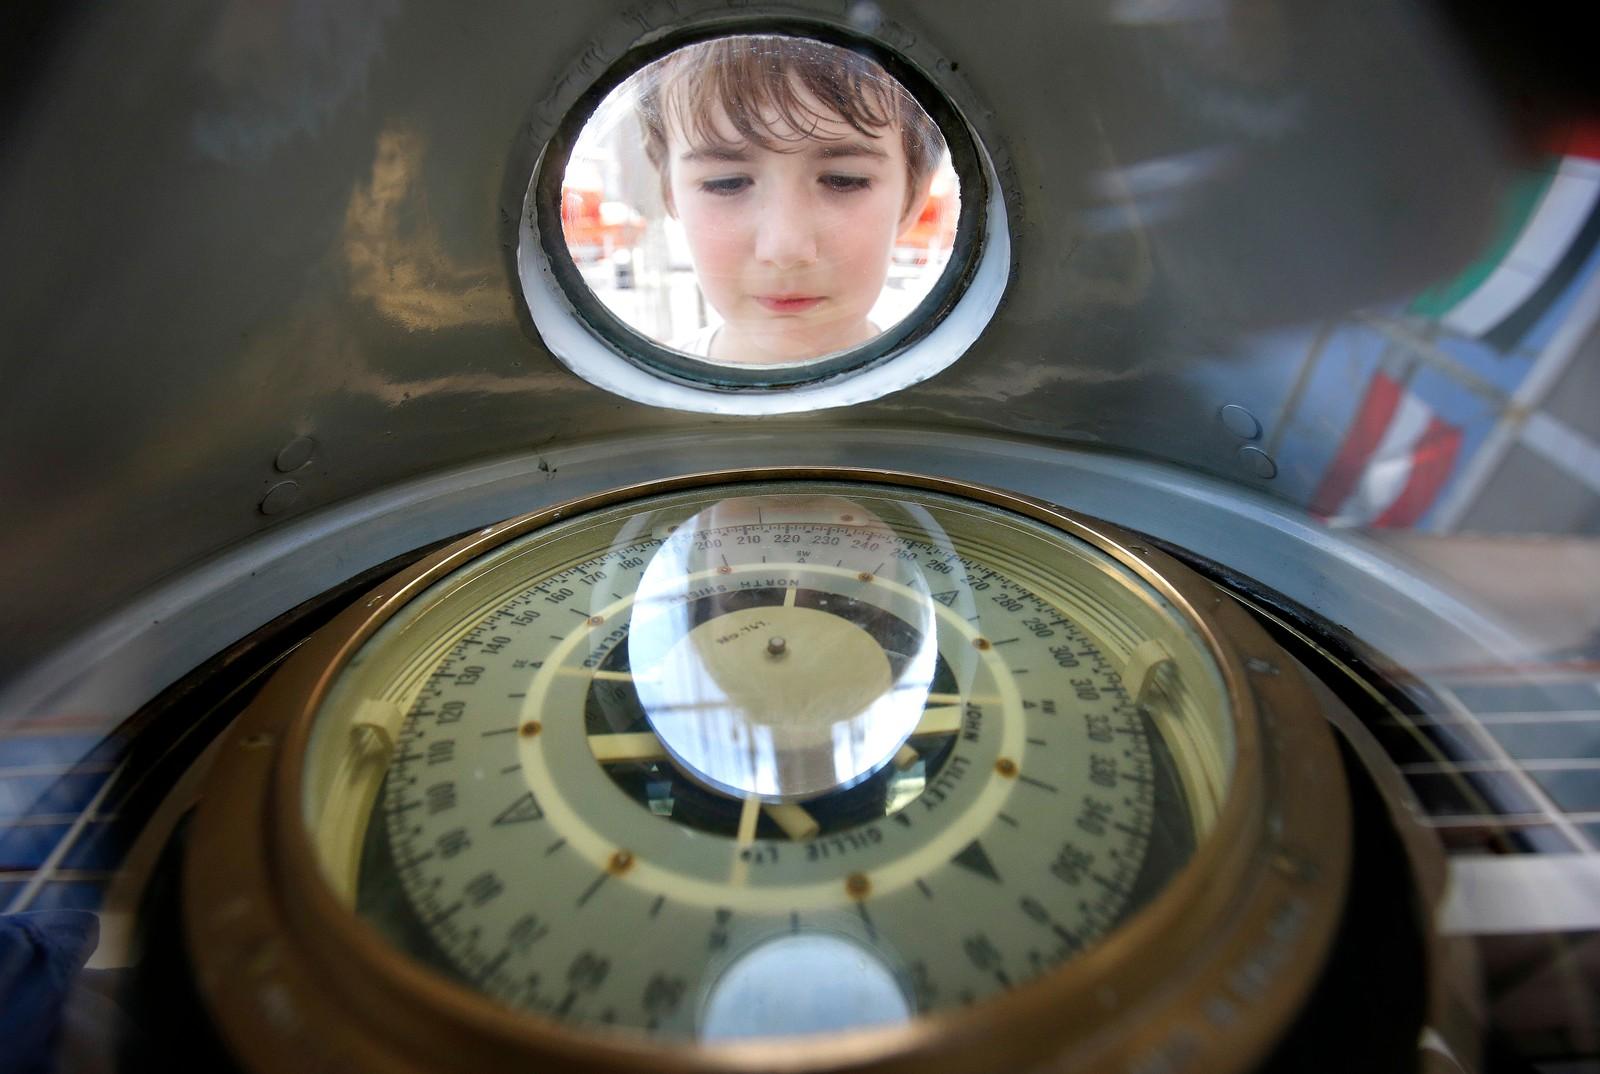 """Åtte år gamle Sean Sullivan tar en kikk på kompasset på et skip under et arrangement som kalles """"Sail Boston"""". Her kunne folk besøke mer enn 50 skip fra Europa, Sør-Amerika og USA."""